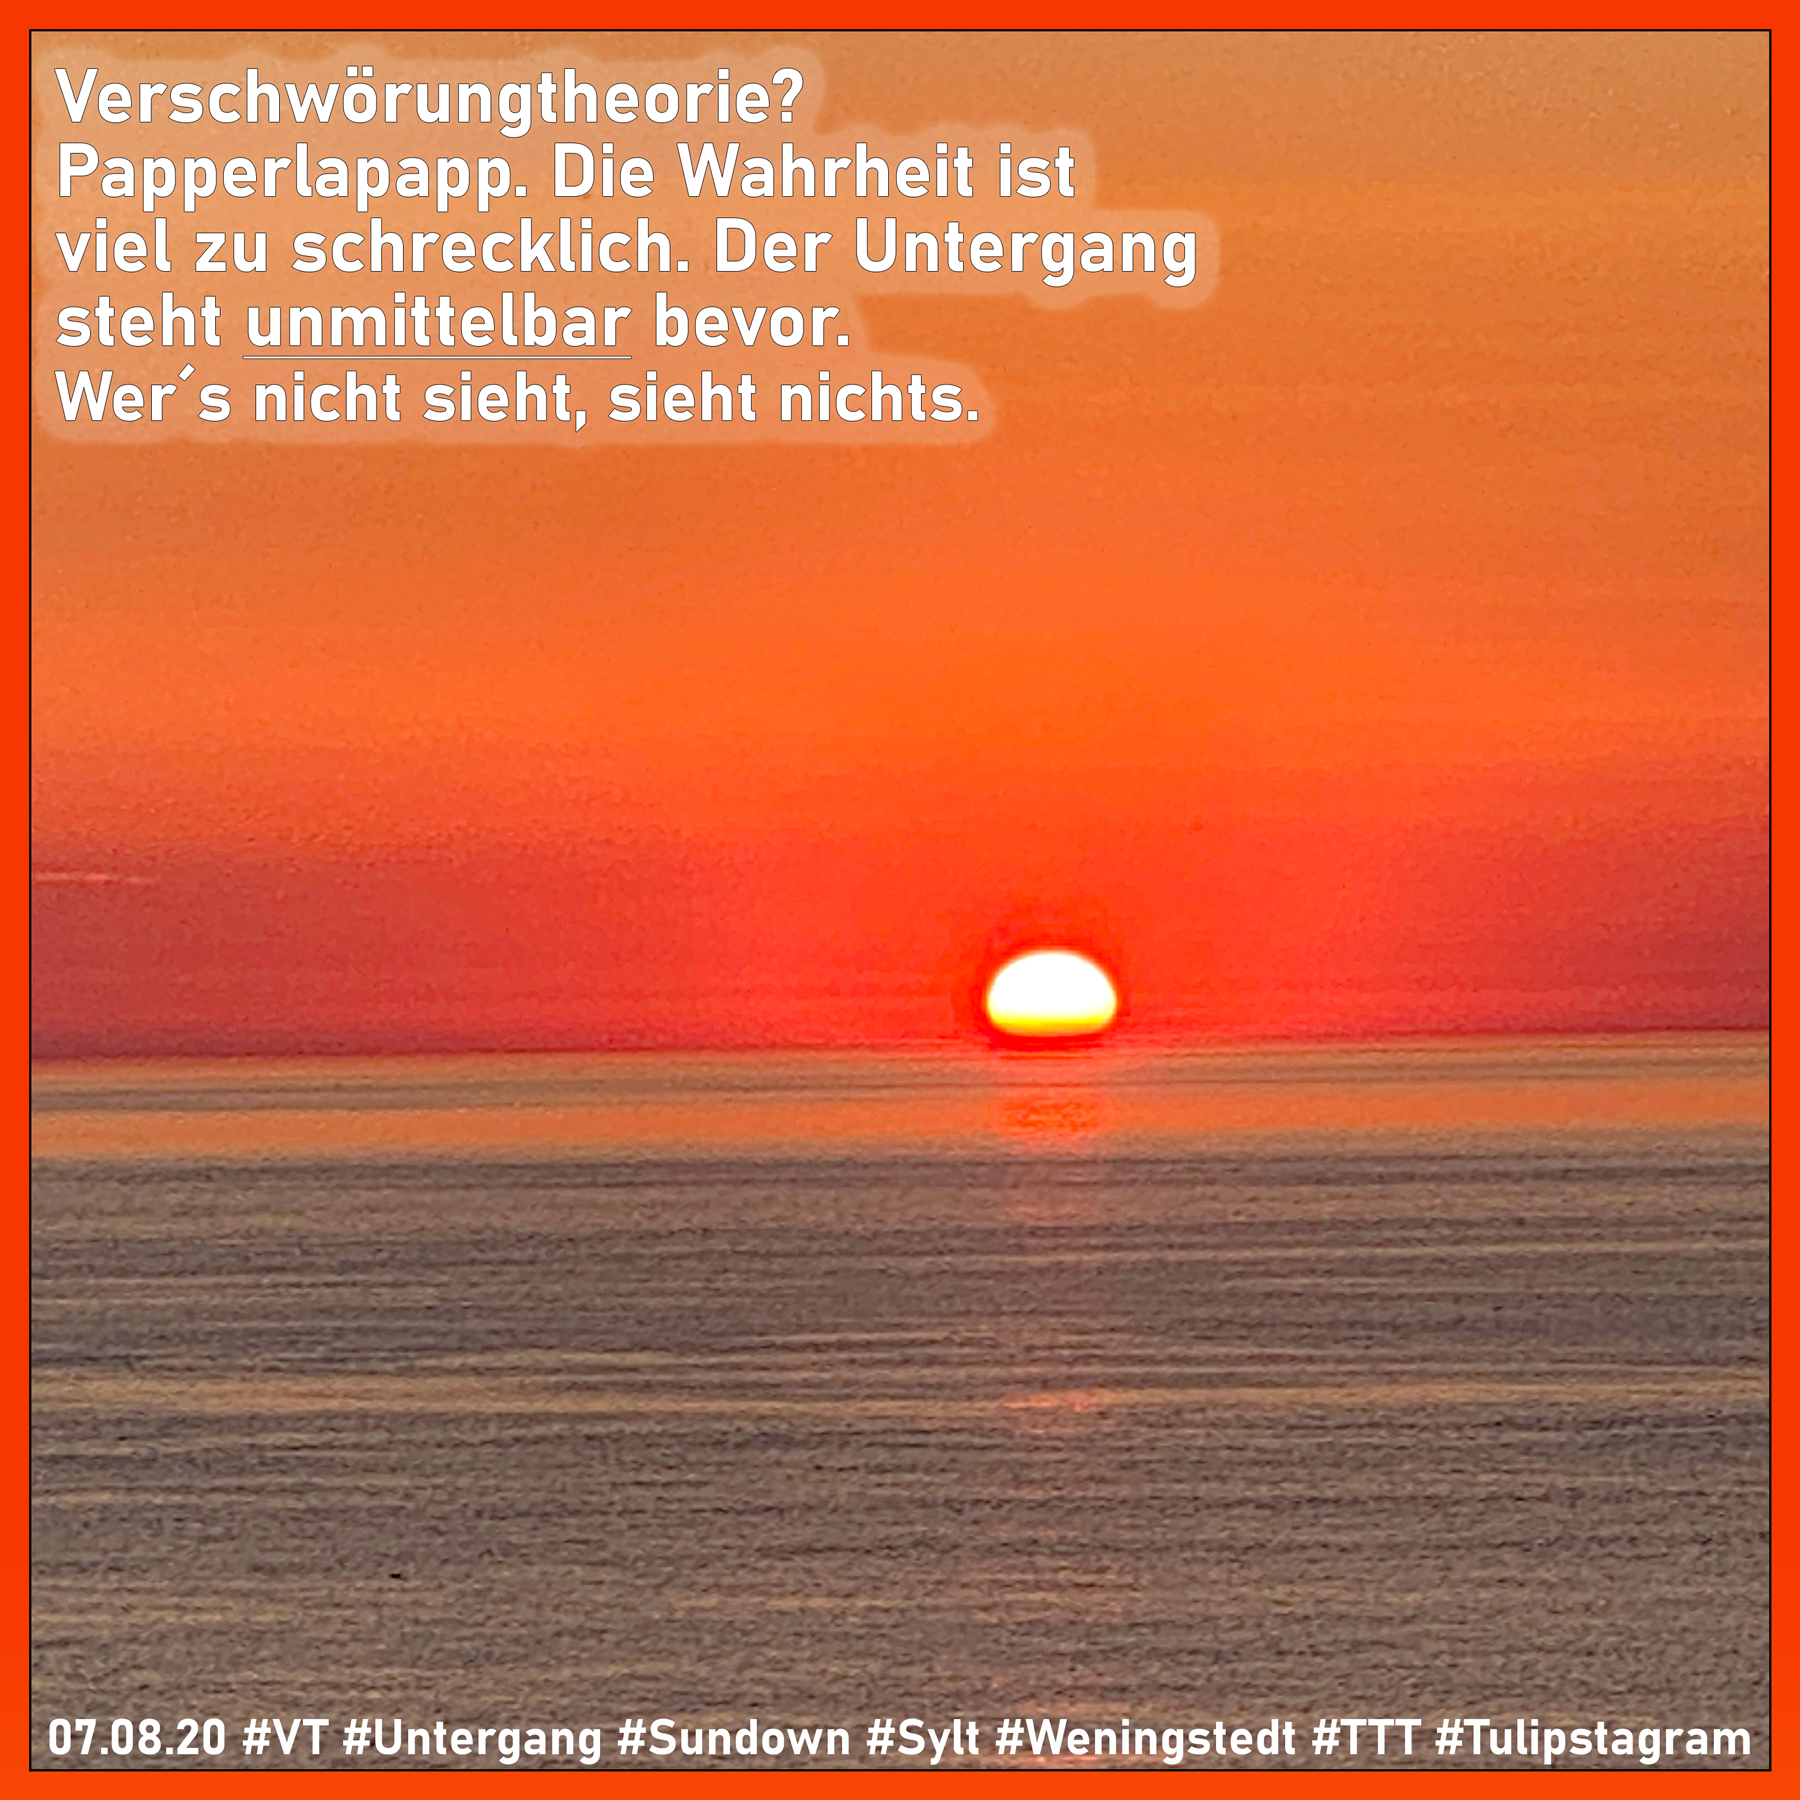 Obacht: Ich sag´s nicht gern, einer MUSS es ja tun. 07.08.20 #VT #Untergang #Sundown #Sylt #Weningstedt #TTT #Tulipstagram